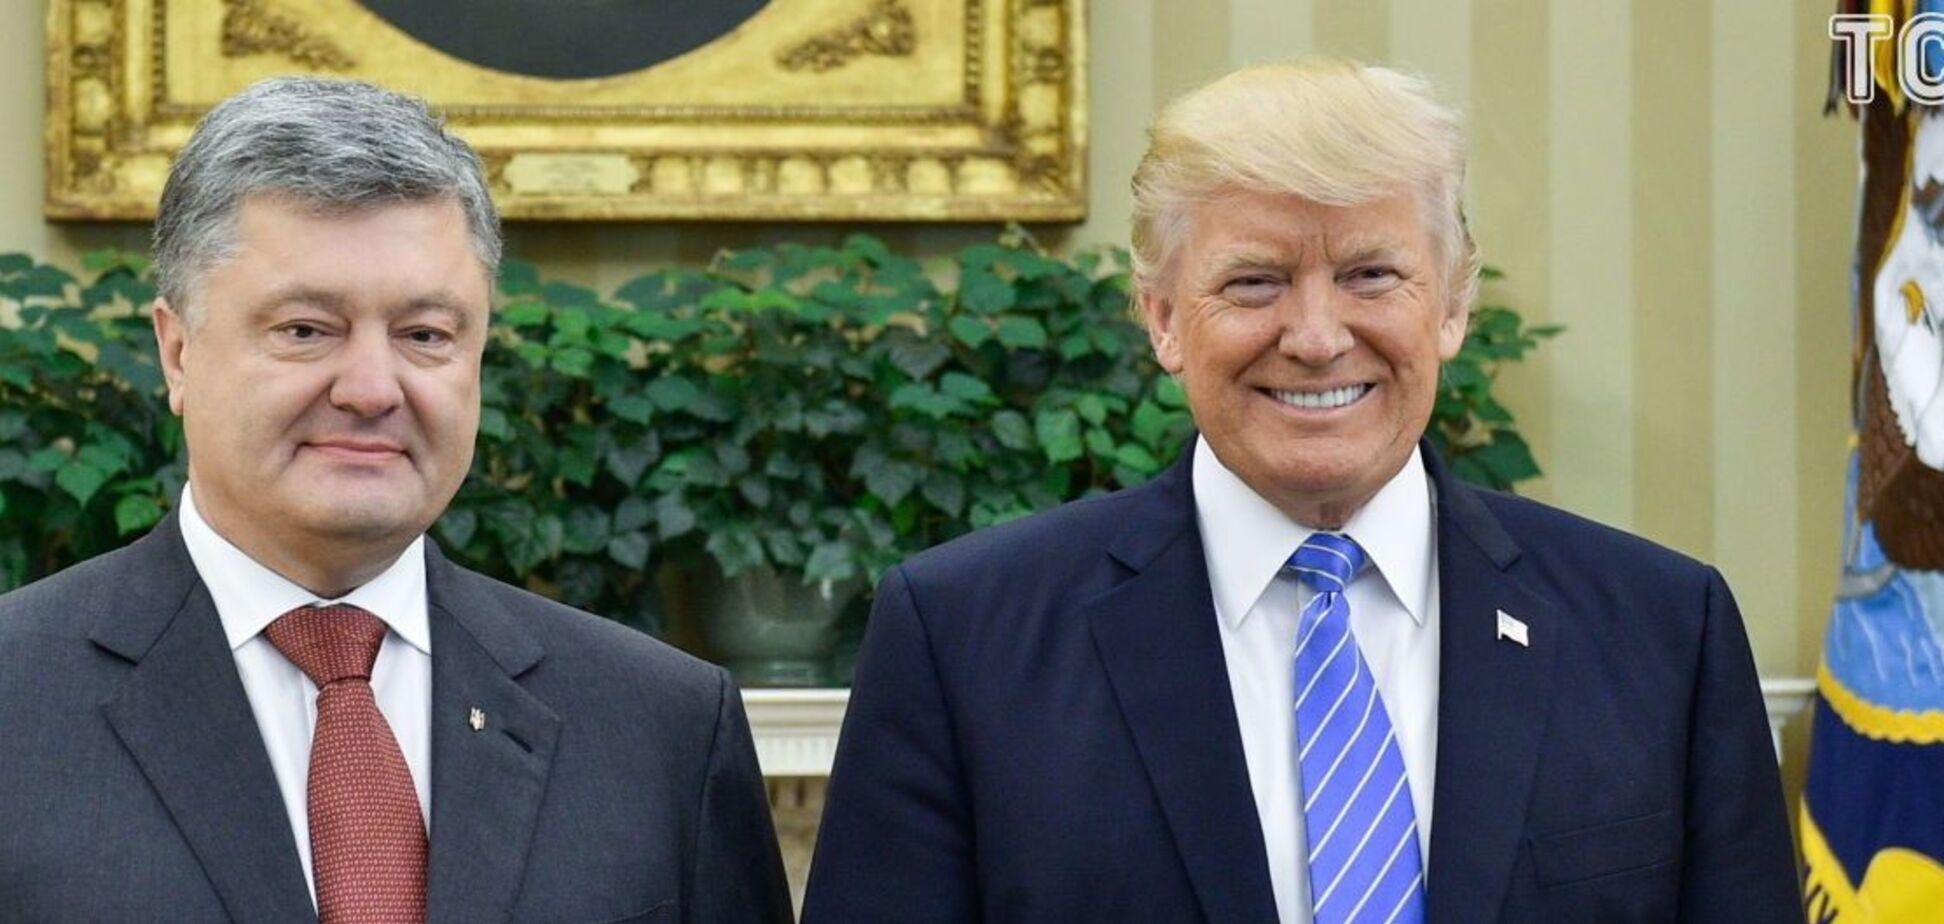 Порошенко встретился с Трампом!